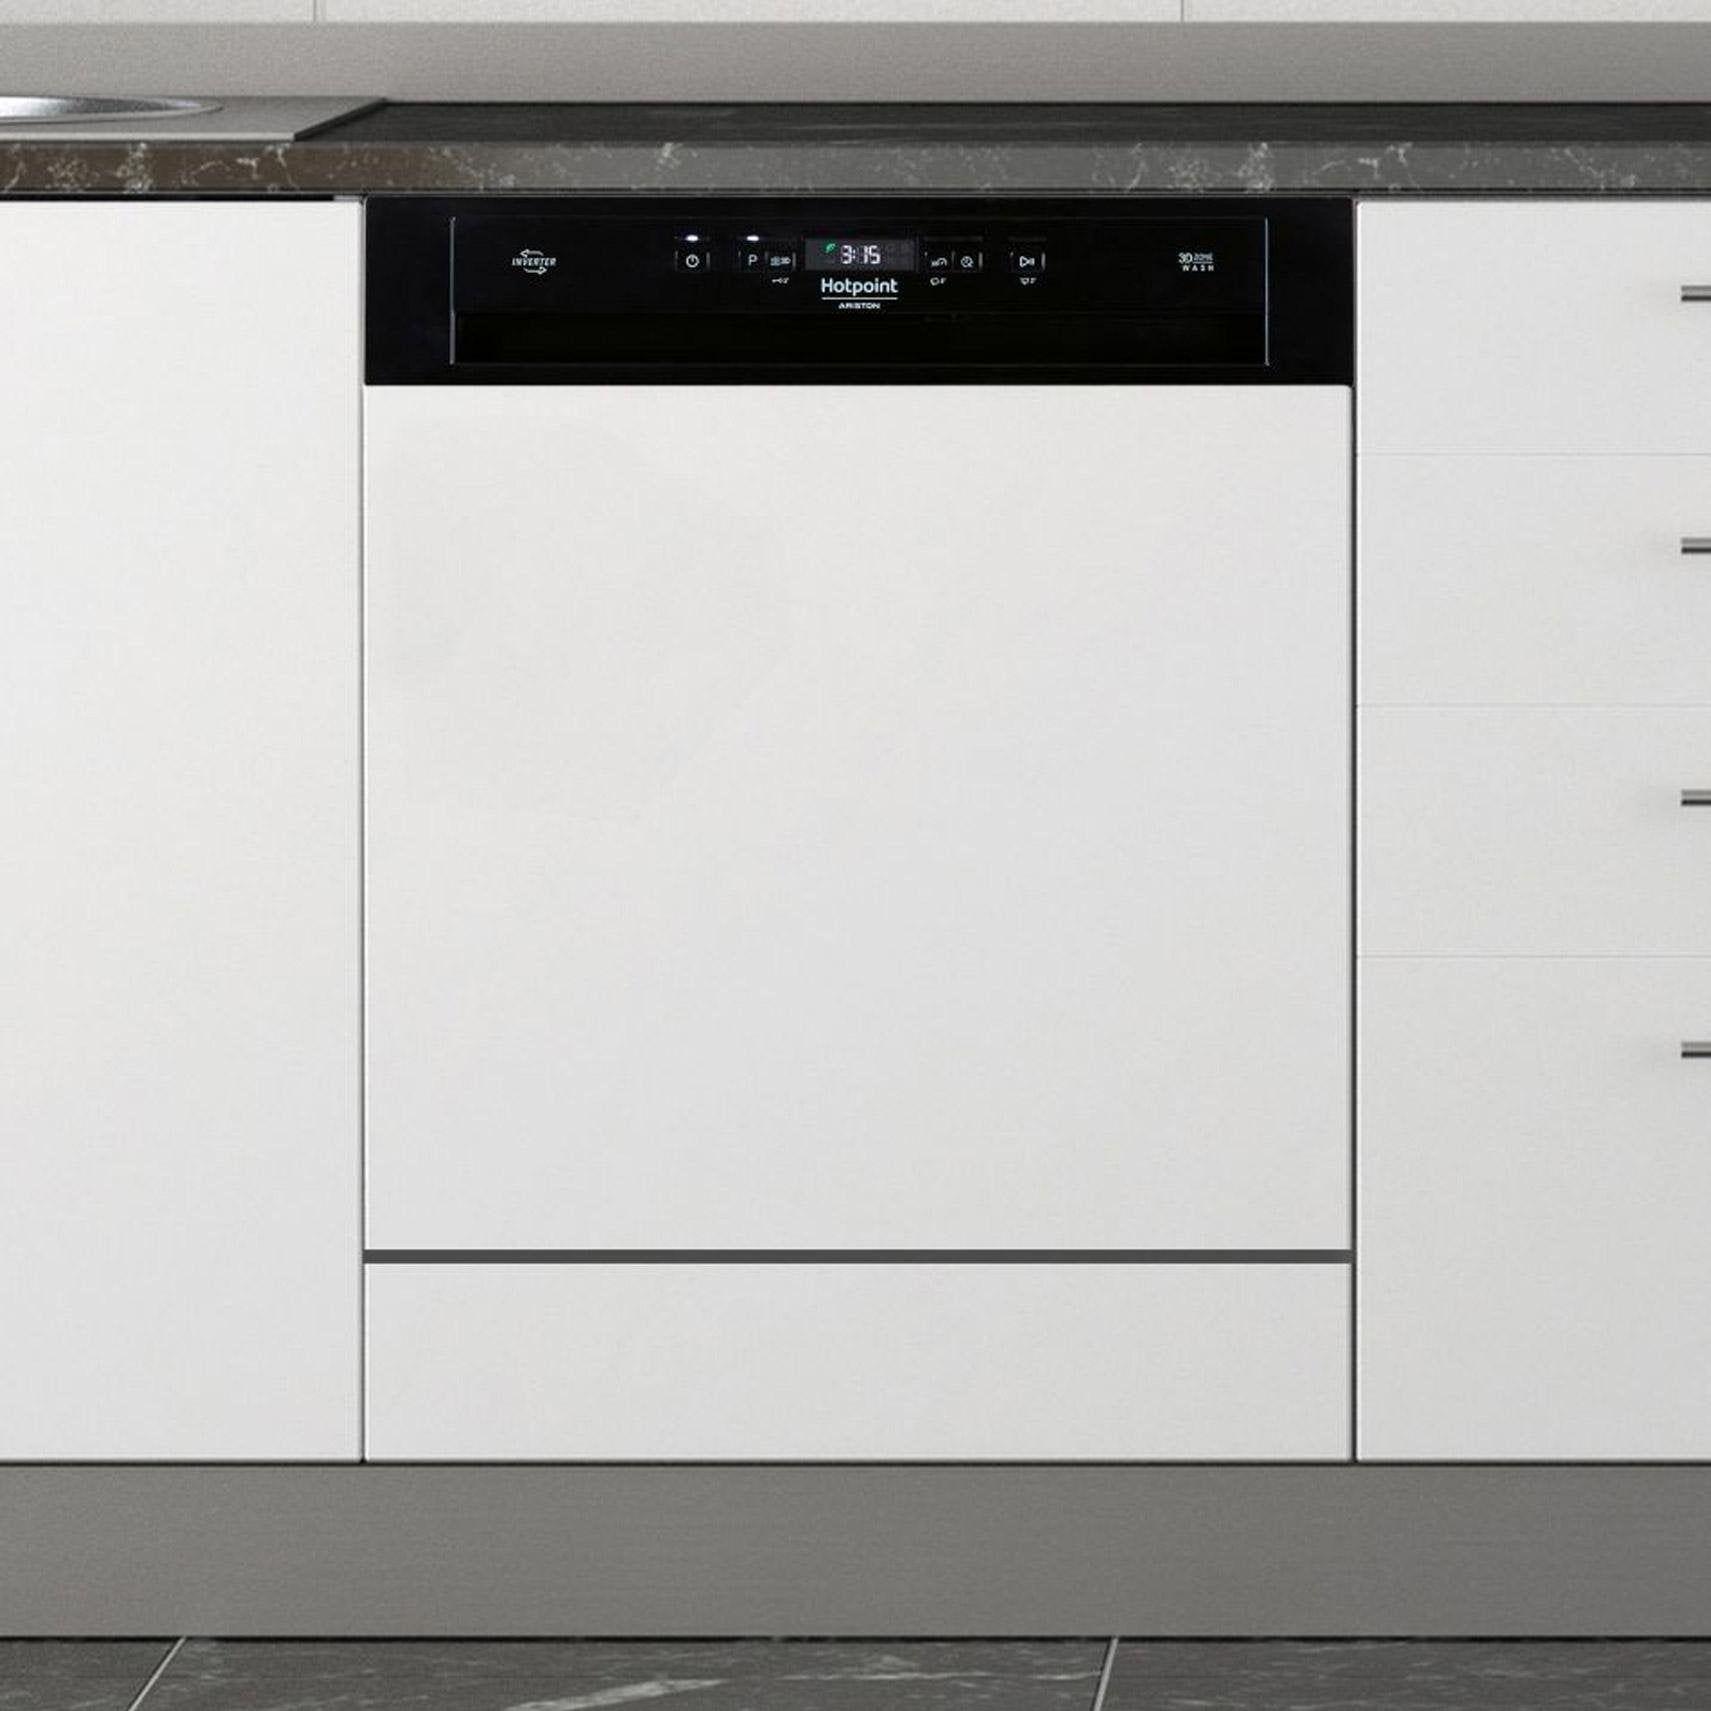 Lave Vaisselle Encastrable L595 Cm Hotpoint Hbo 3t21 W B